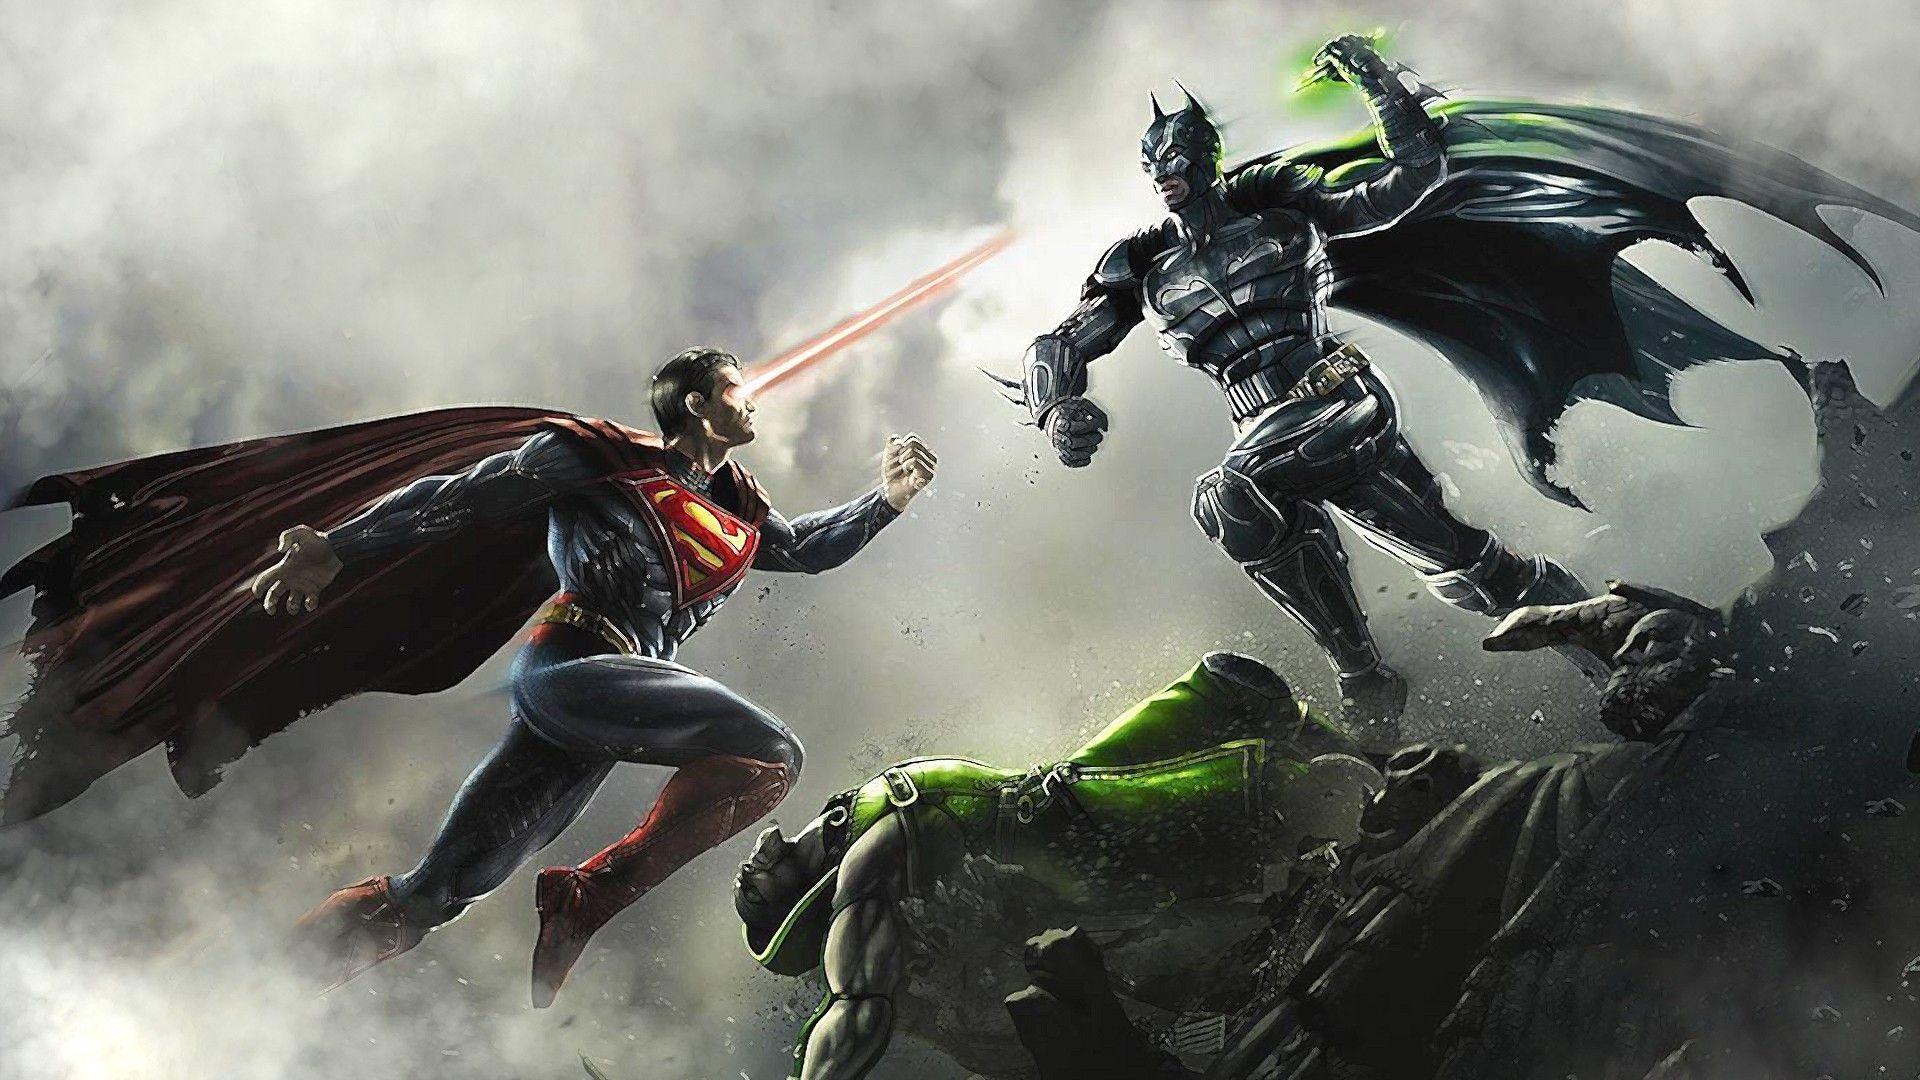 Batman Vs Superman Wallpaper Hd For Iphone